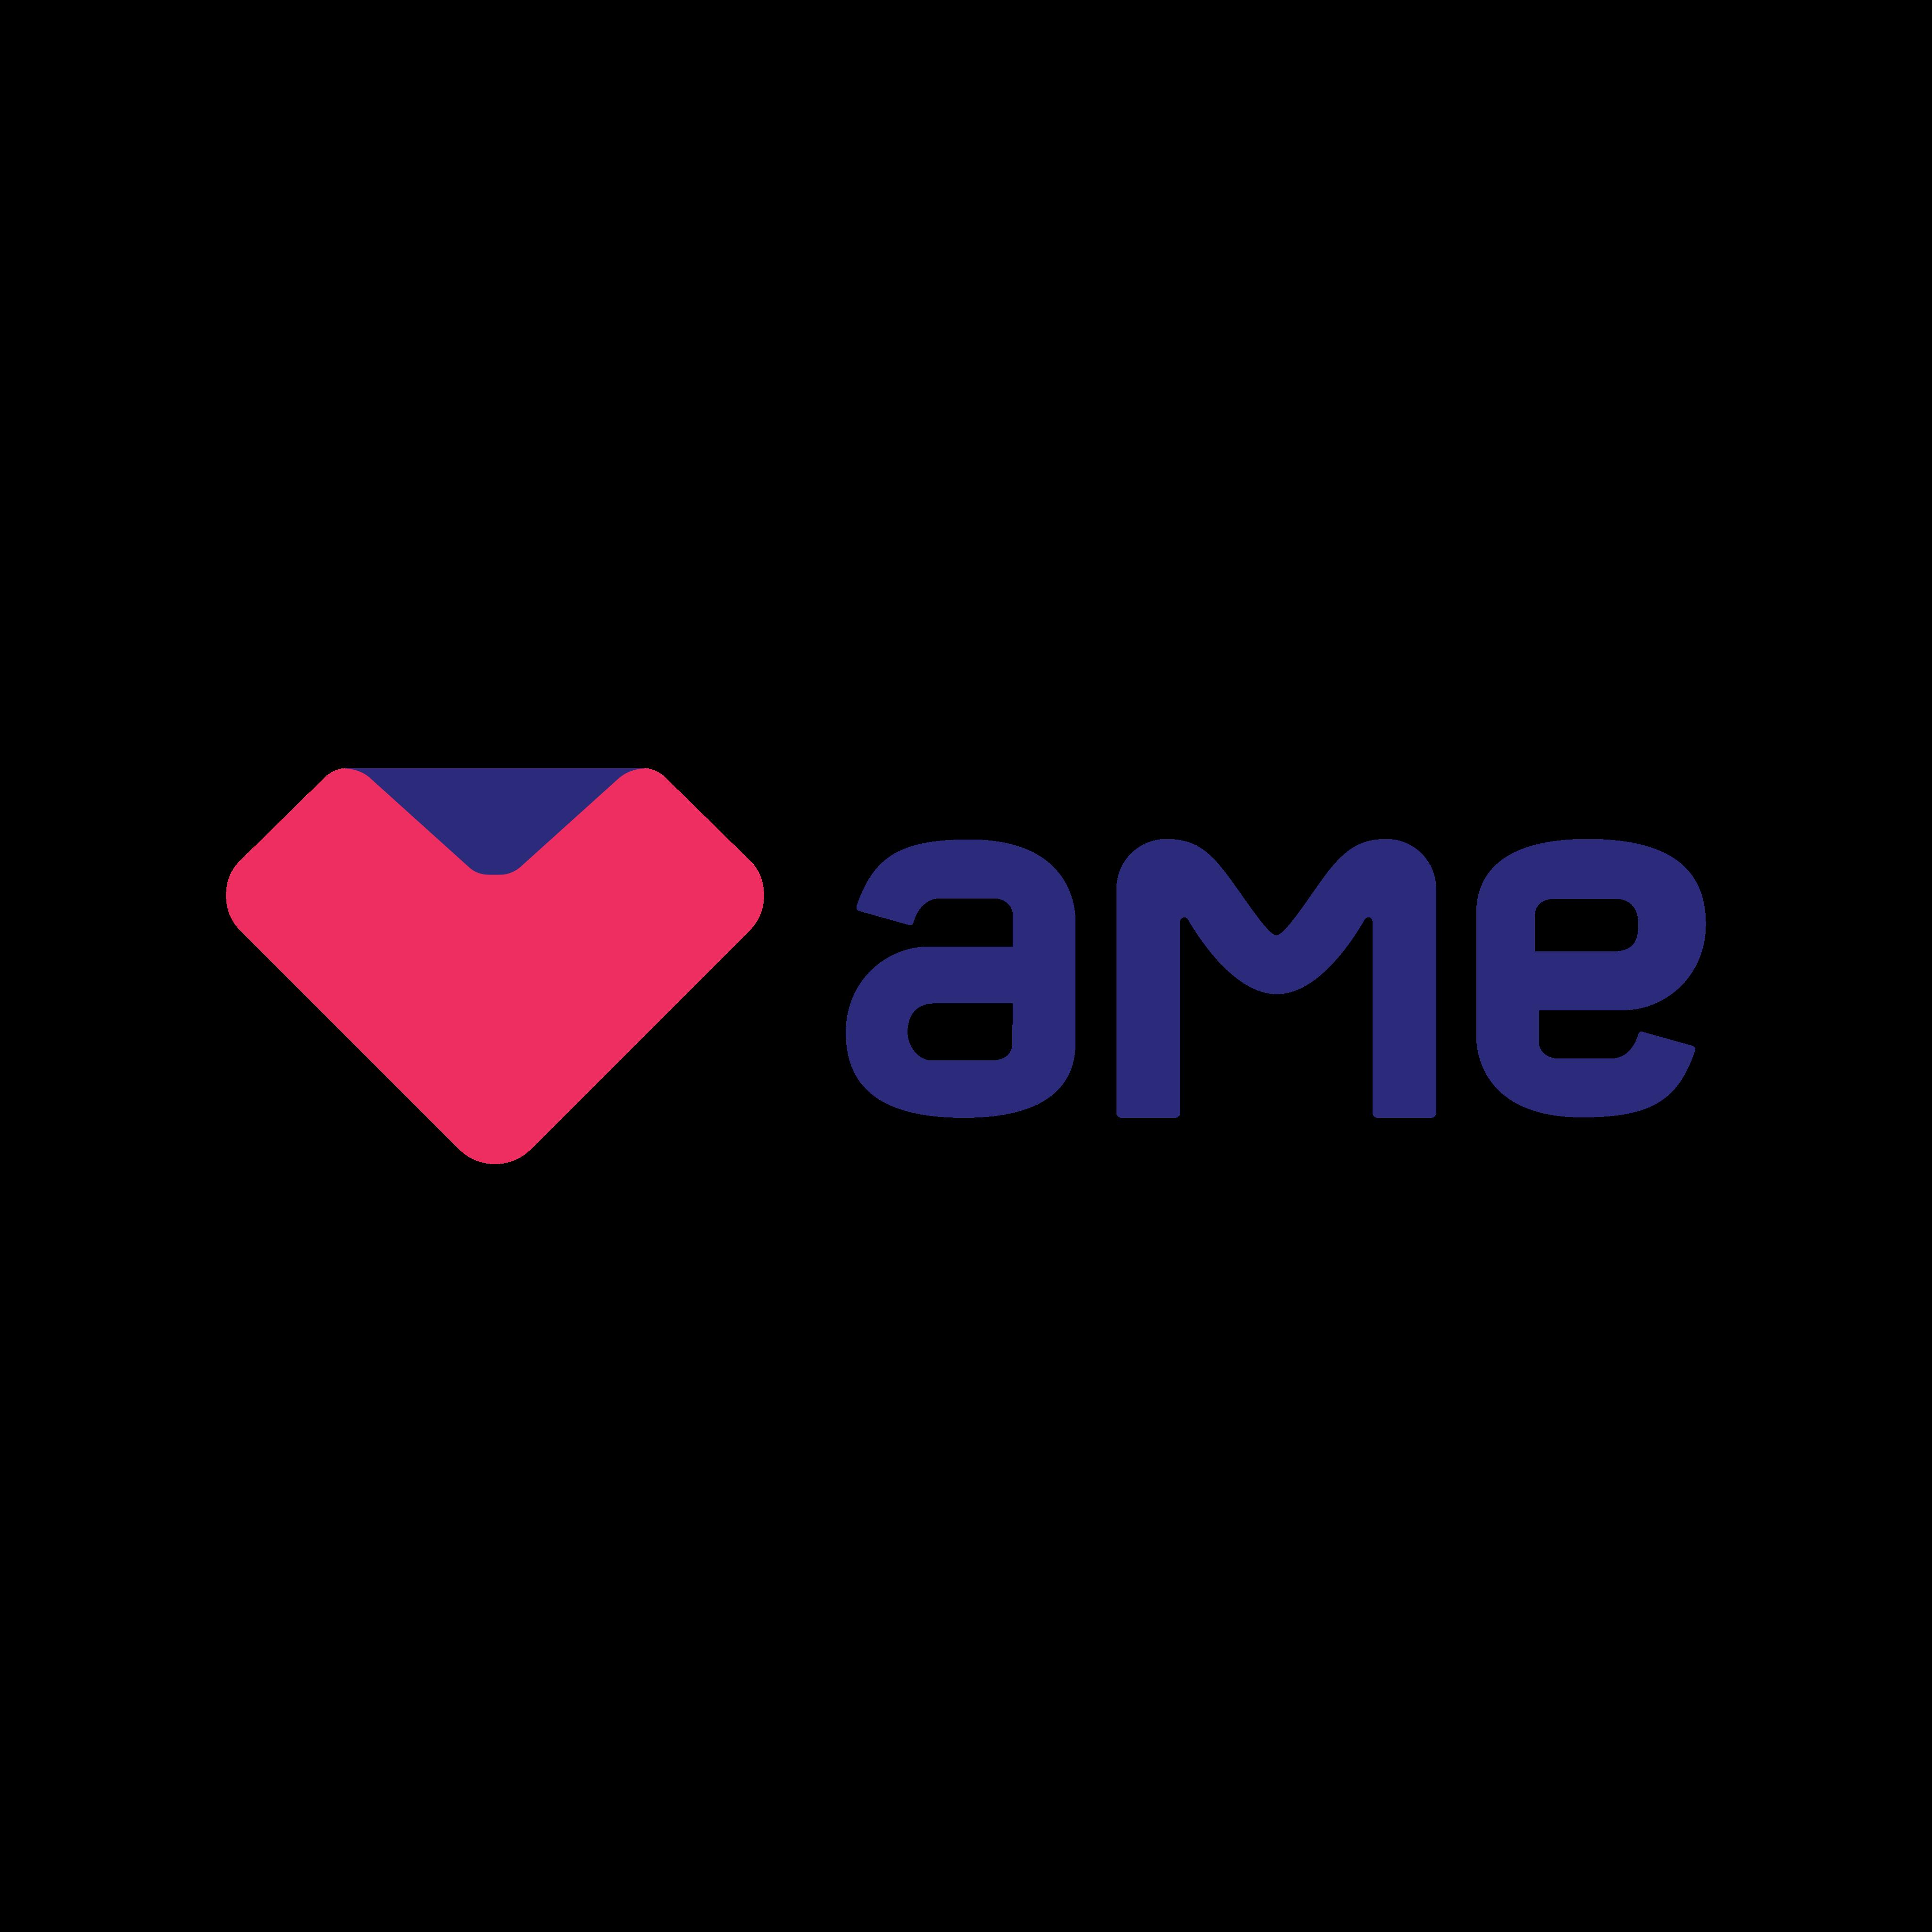 ame logo 0 - AME Logo